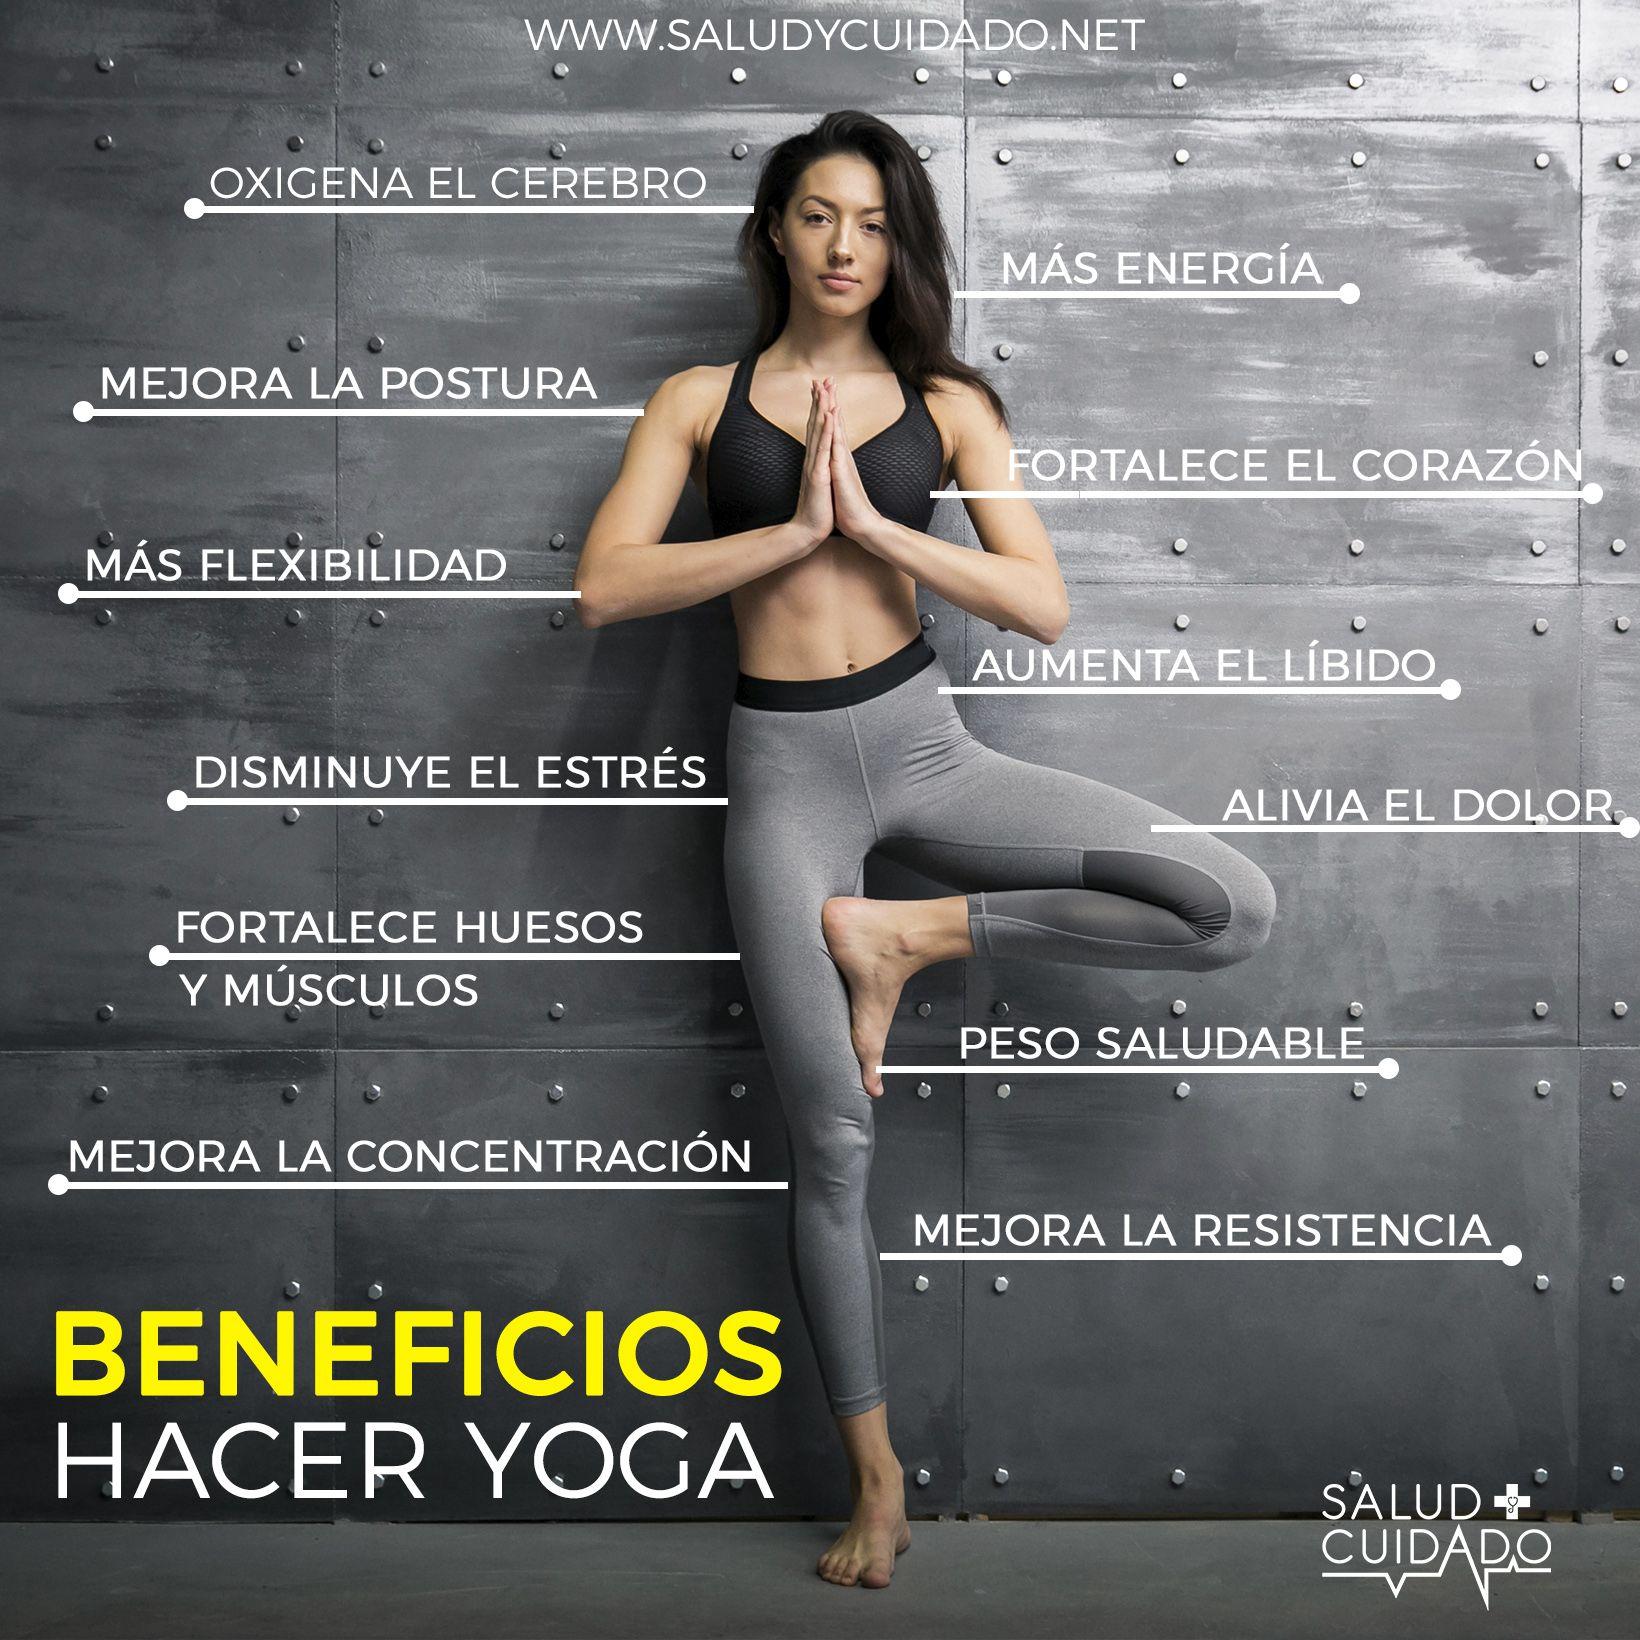 Comienza Hacer Yoga Y O Pilates Son Excelentes Practicas Que Puedes Llevar A Cabo Desde La Comunidad De Tu Hogar Y Qu Yoga Mantras Yoga Inspiration Workout